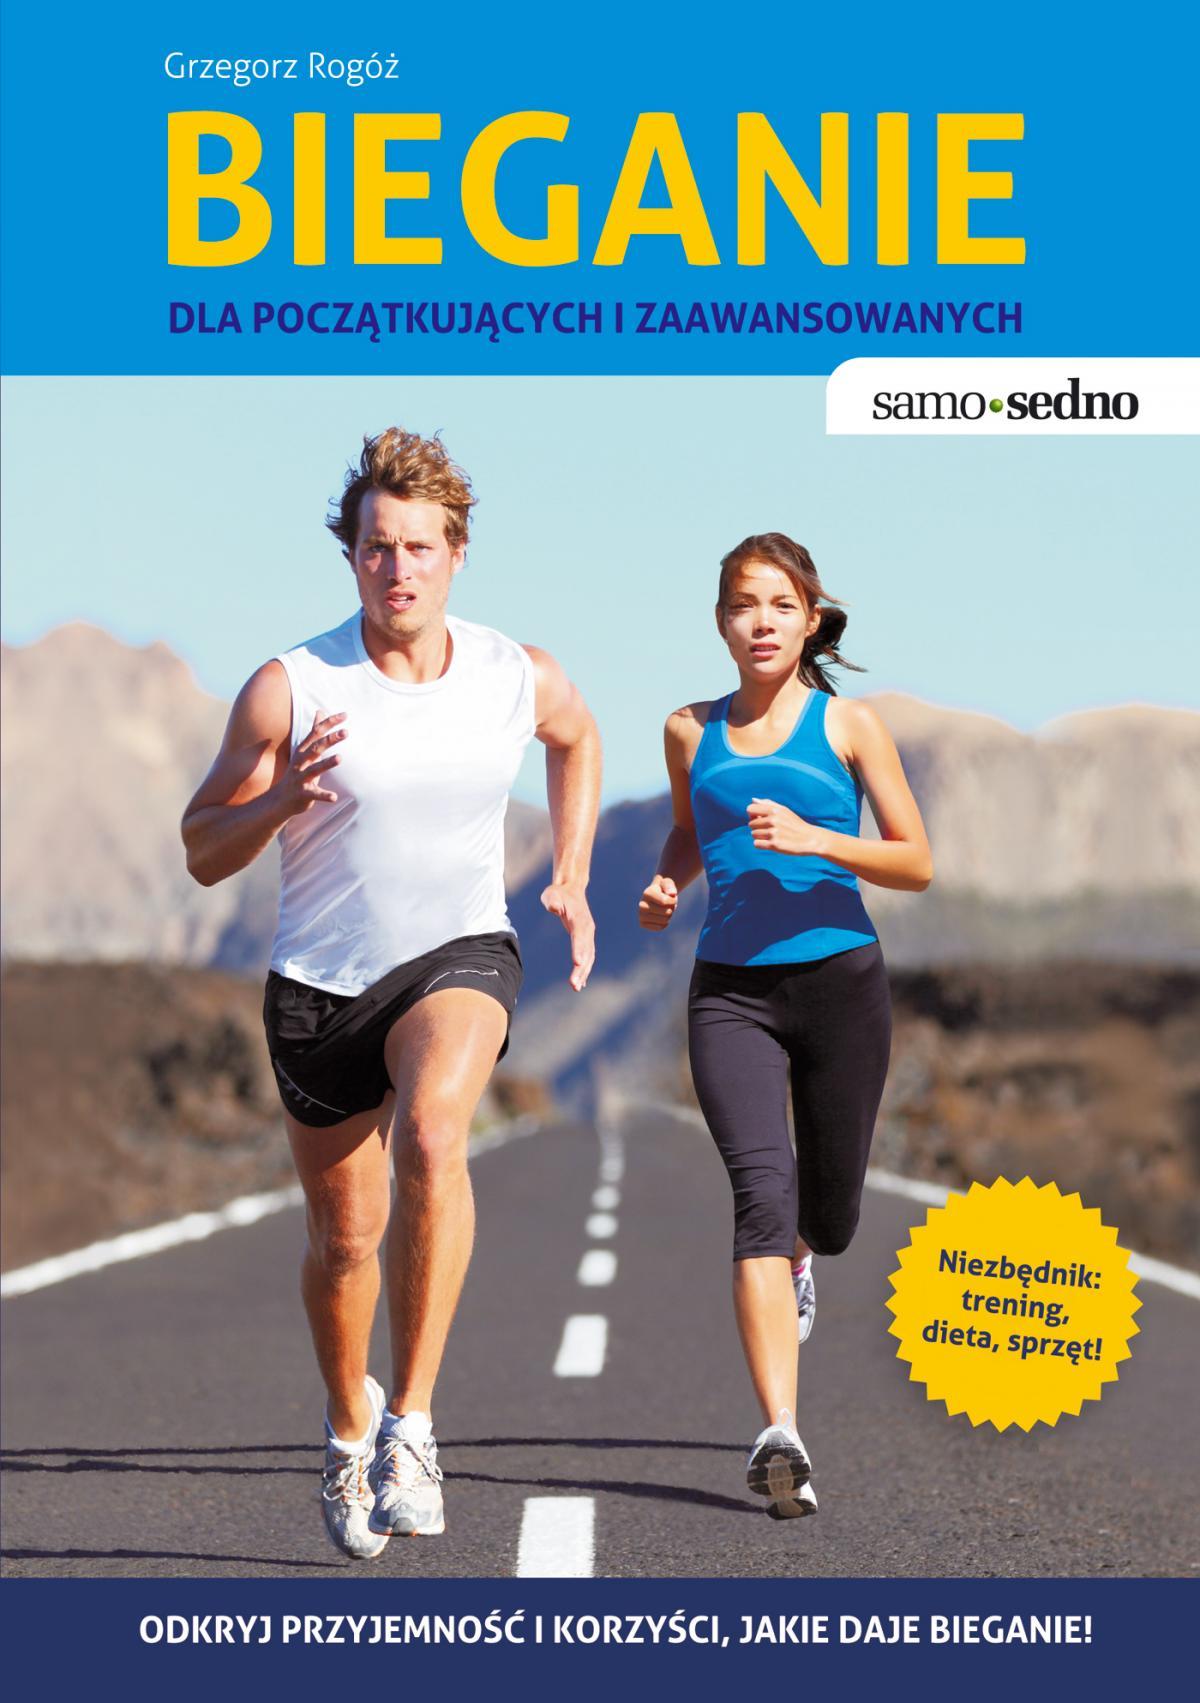 Bieganie dla początkujących i zaawansowanych - Ebook (Książka EPUB) do pobrania w formacie EPUB